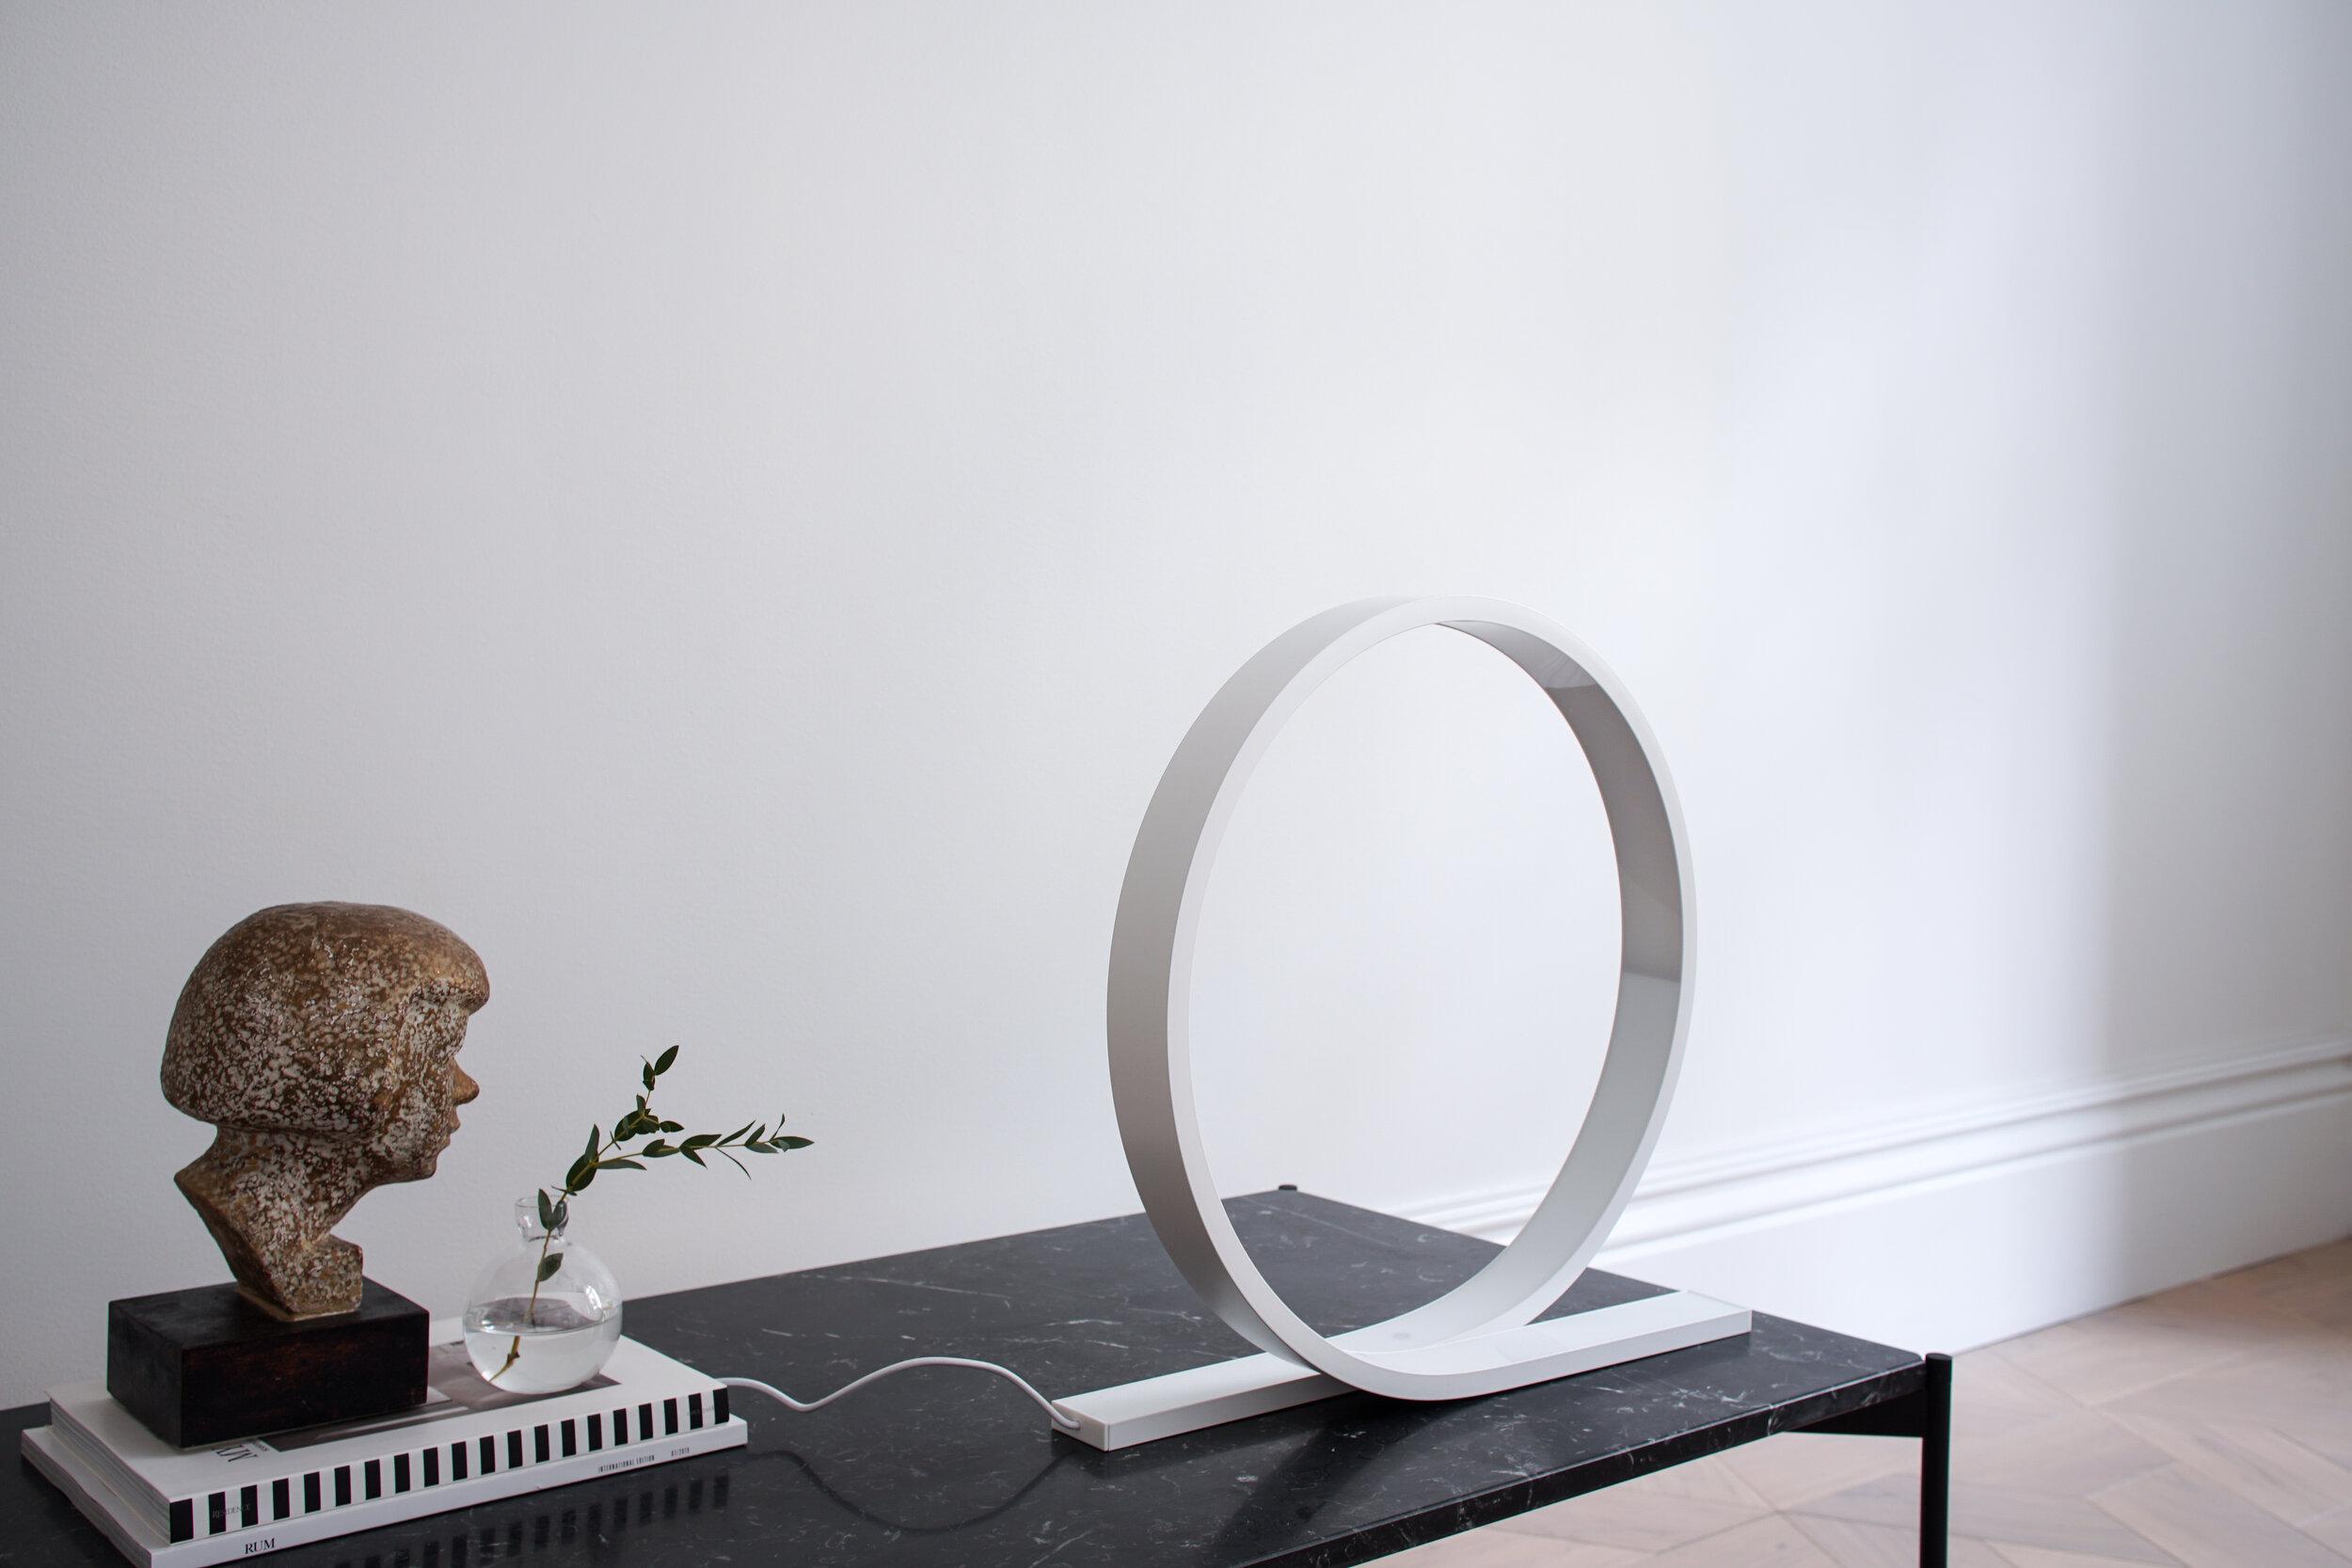 20190908-Coterie-Himmee Loop small white -01108.jpg